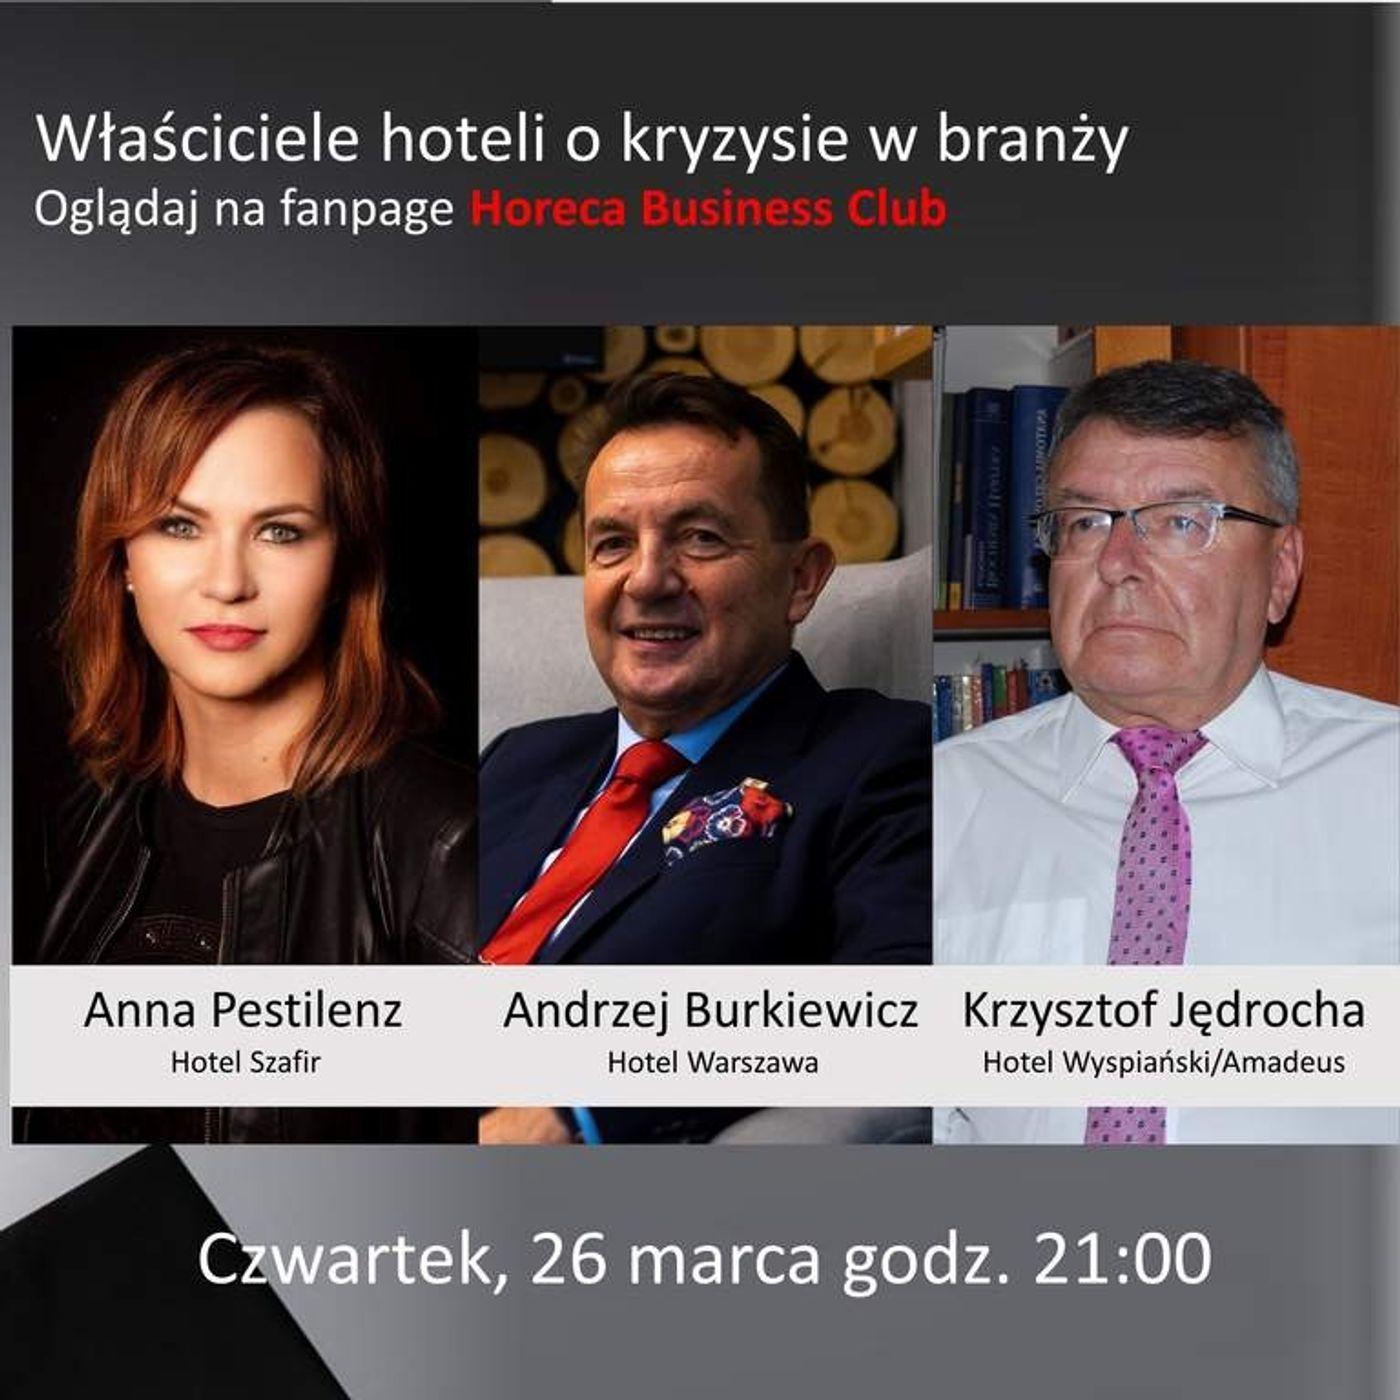 TOP Hotelarze, odc. 16 - Właściciele hoteli o kryzysie w branży